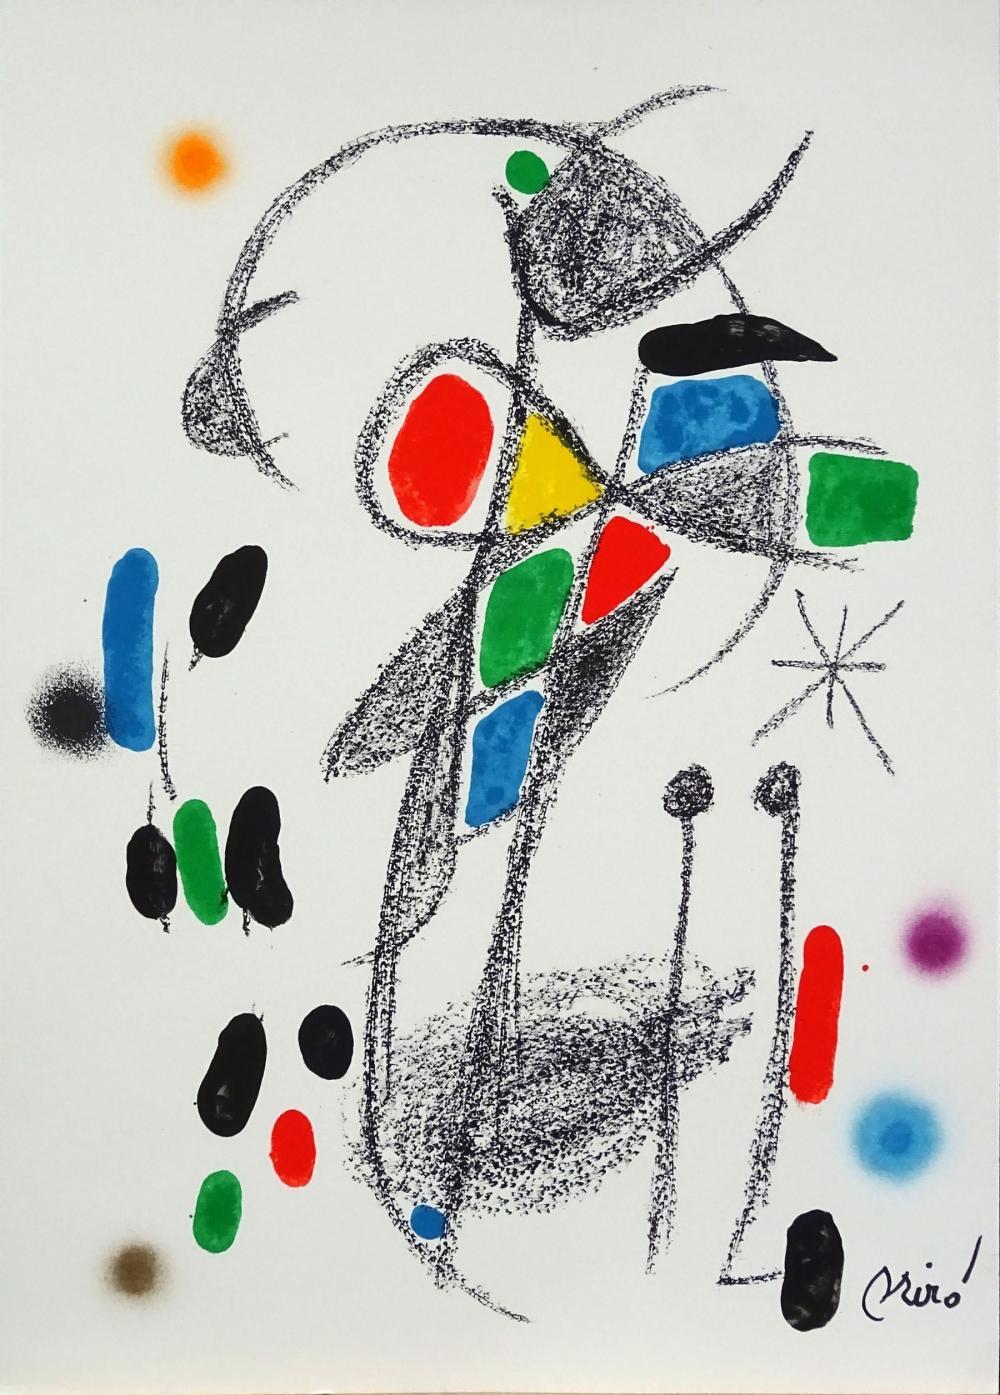 Joan Miro - Maravillas con Variaciones Acrósticas XVIII, 1975